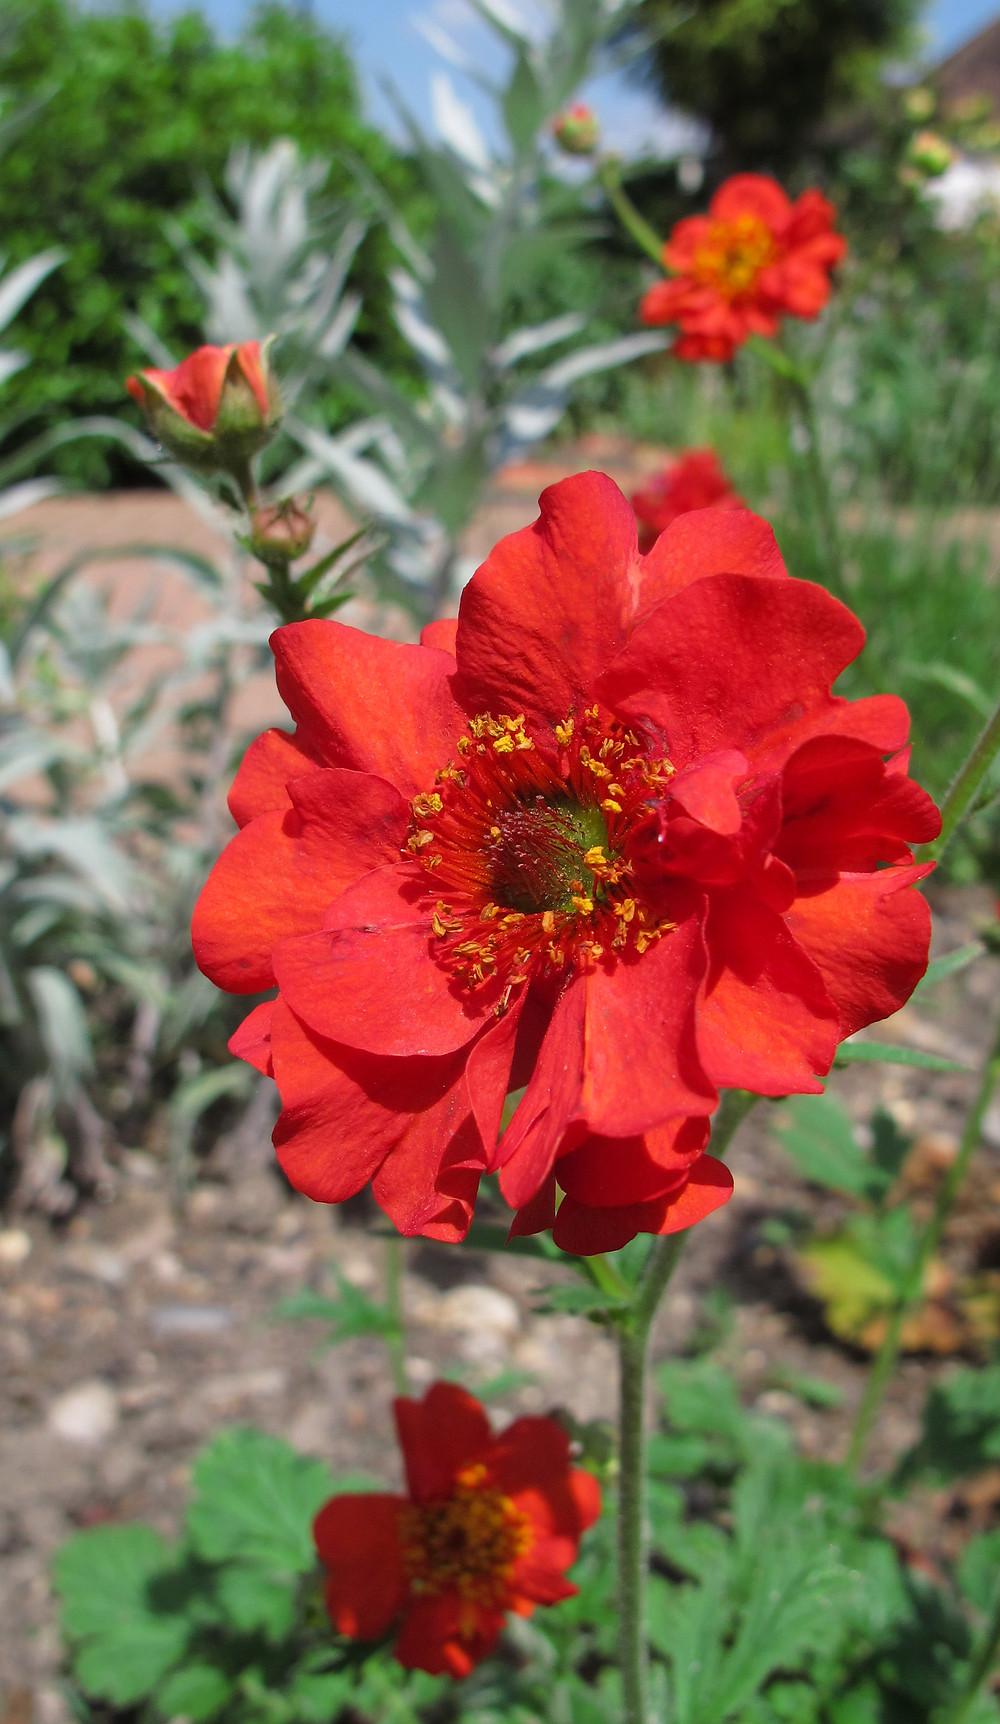 Geum 'Mrs J Bradshaw' flowering in May